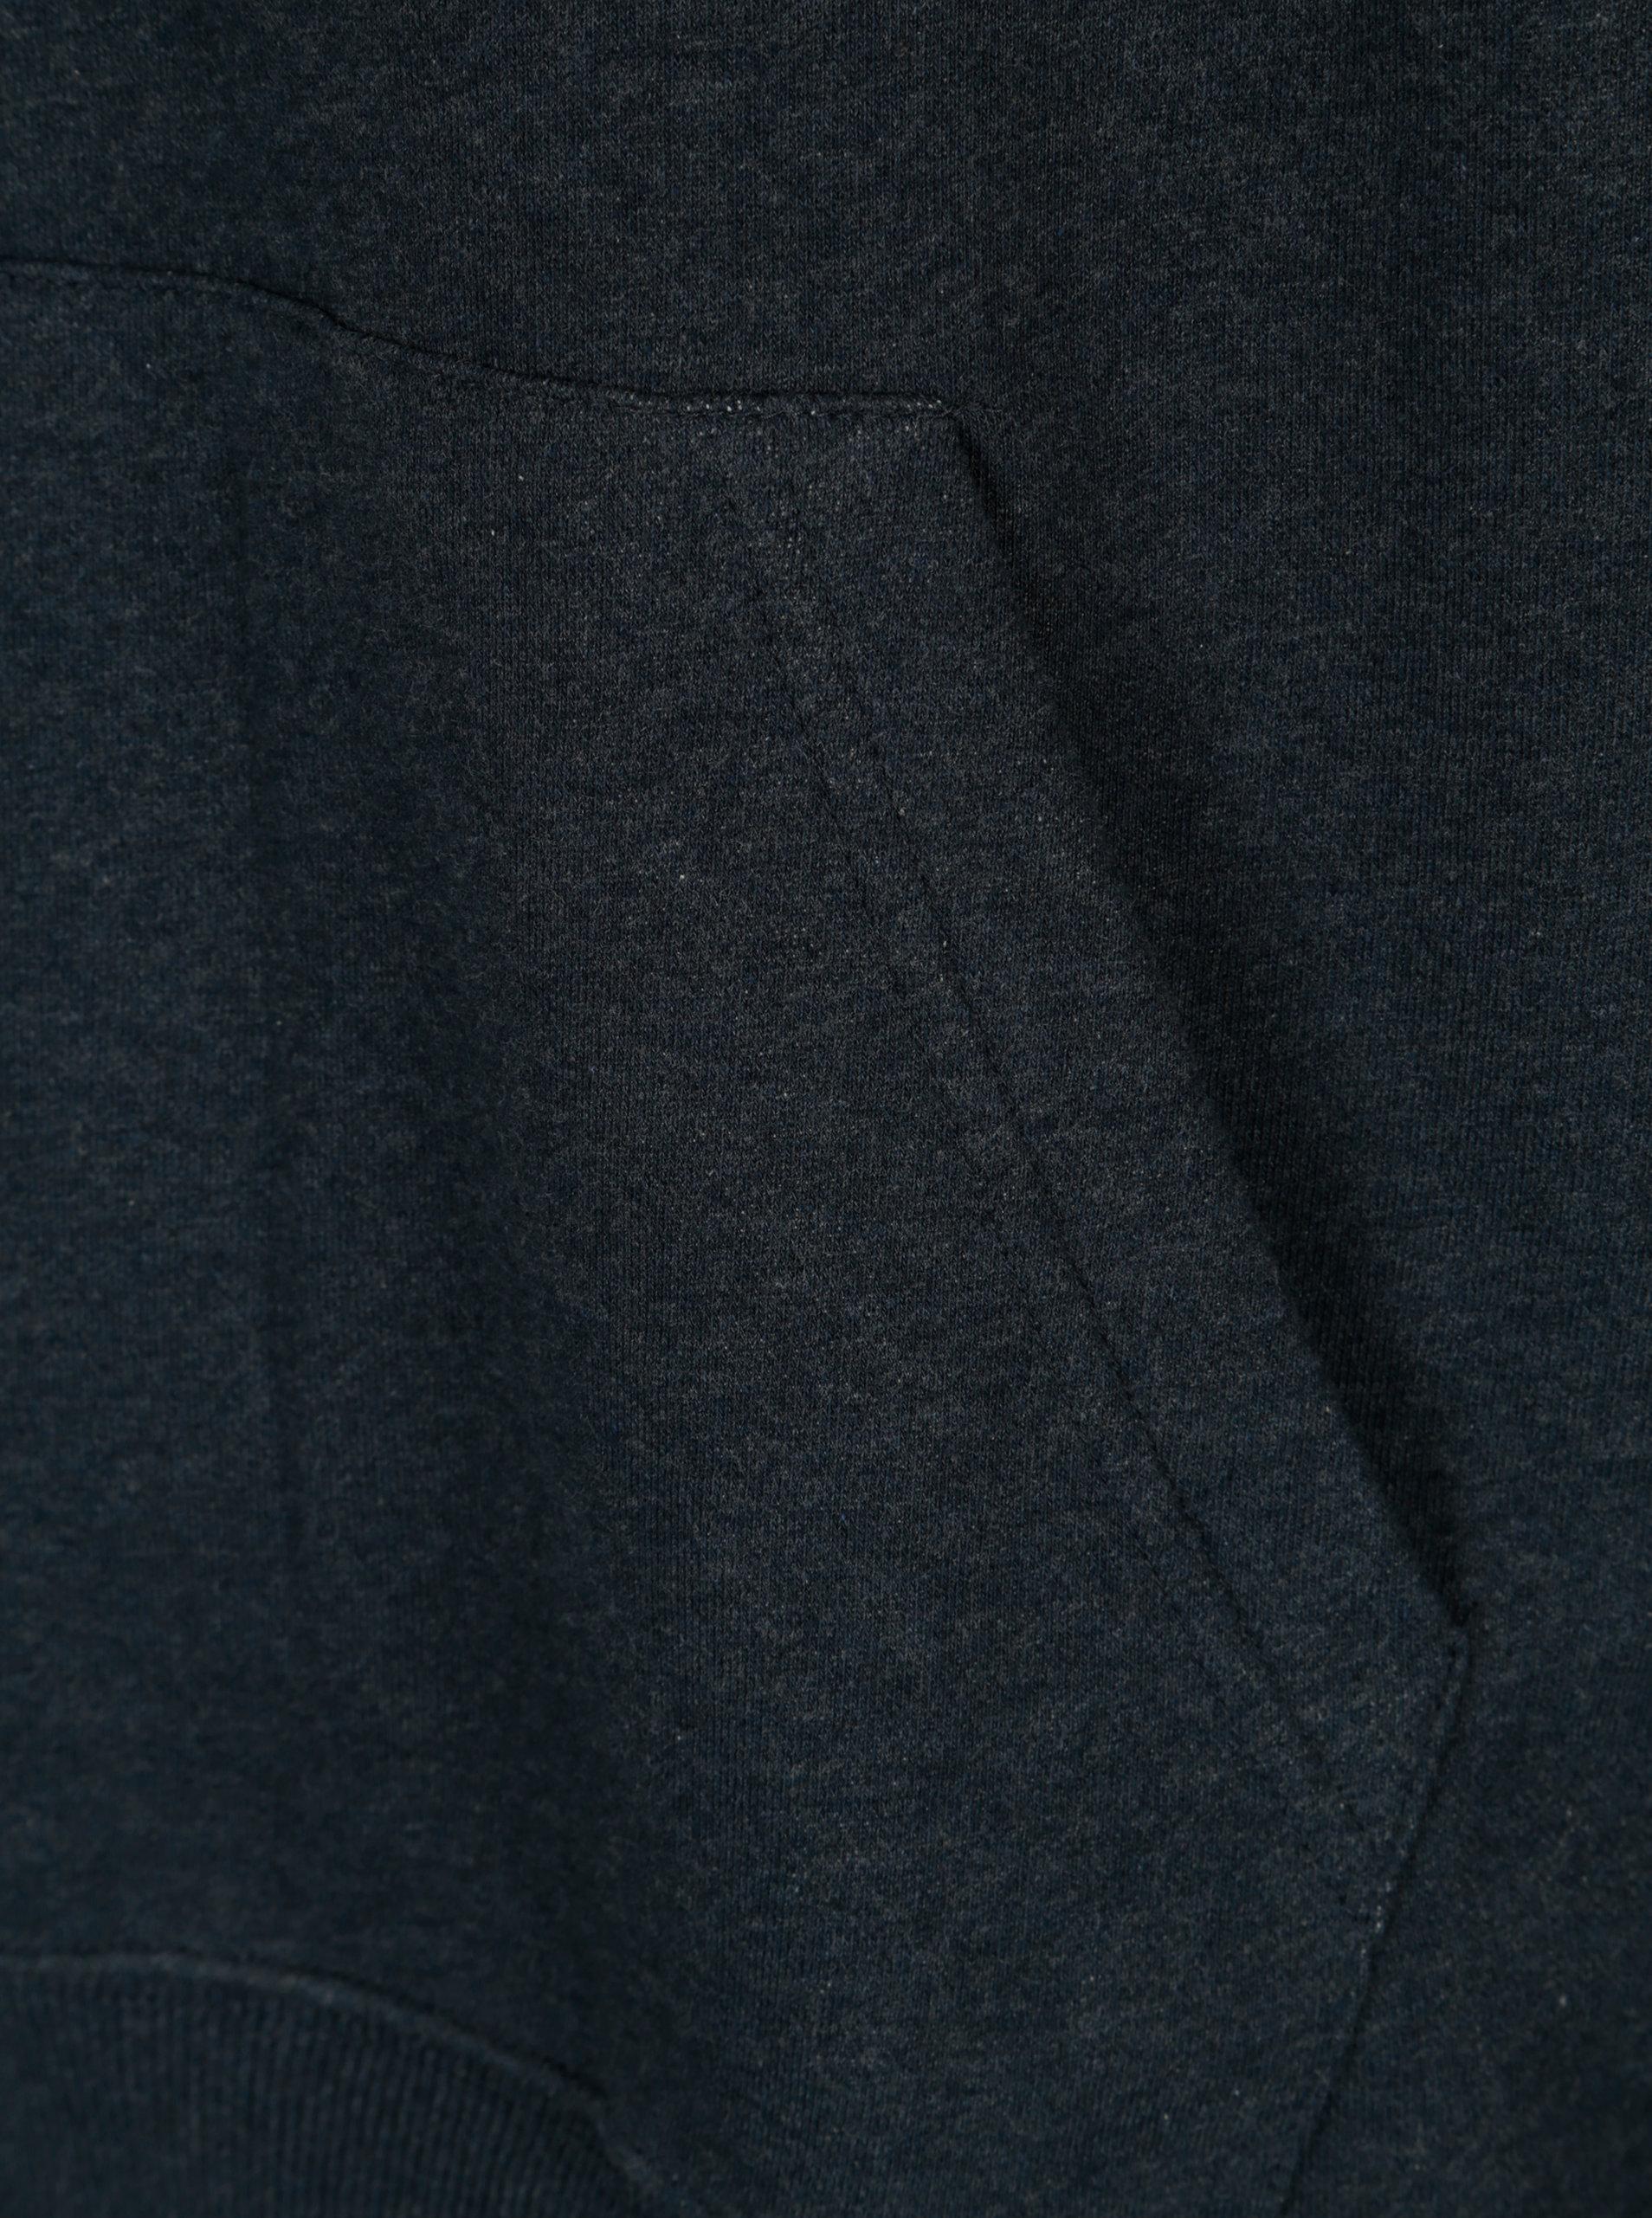 Tmavě modrá žíhaná pánská mikina s potiskem Quiksilver ... 0cae25fbaaf